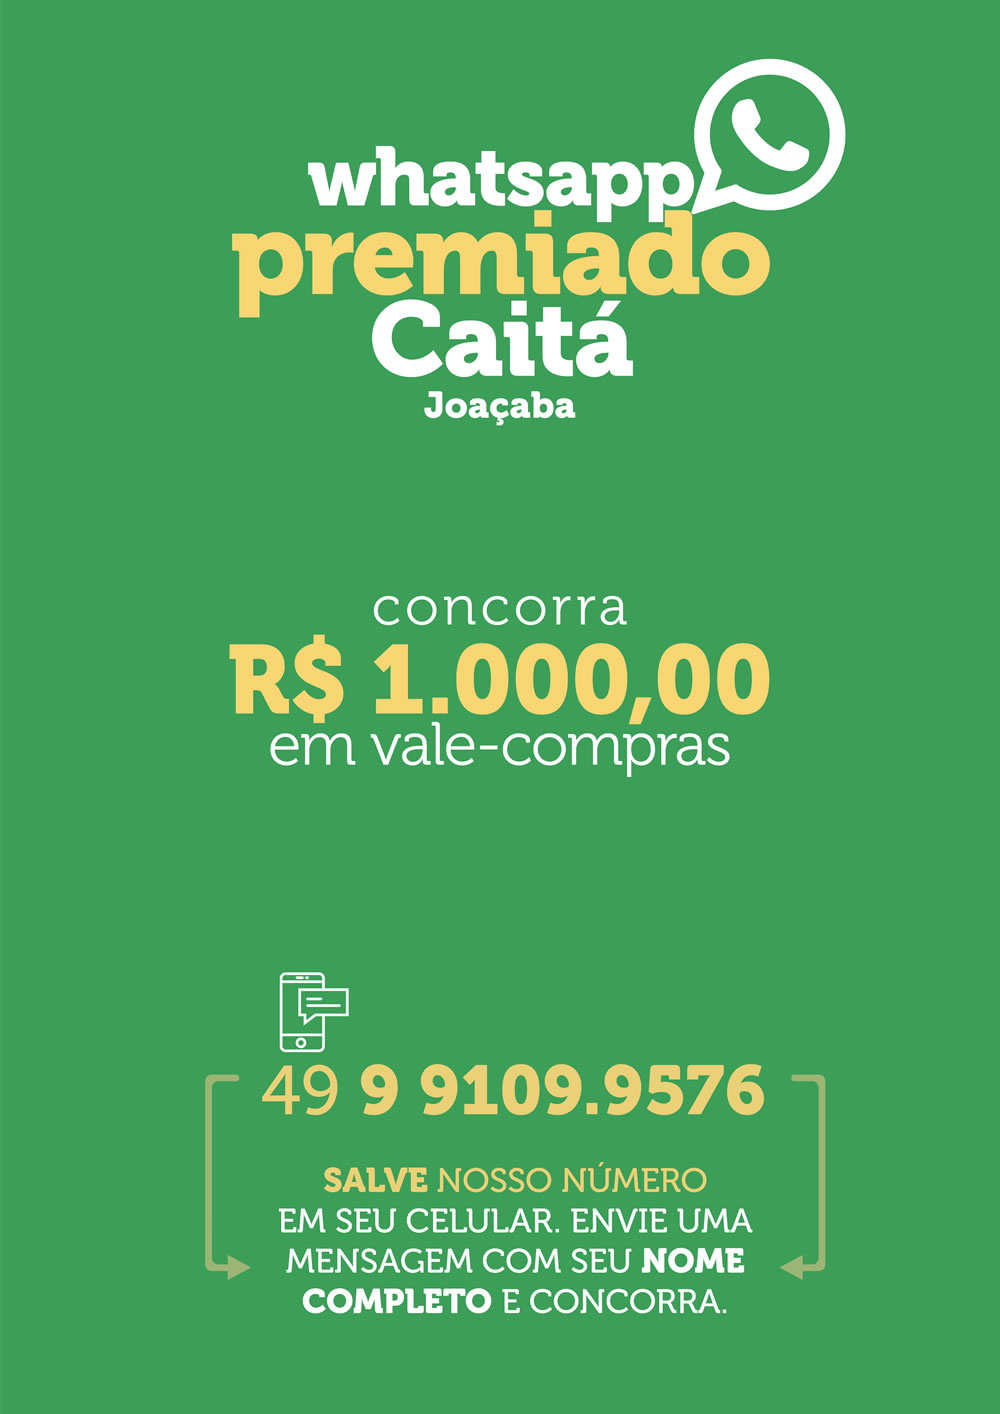 caita_supermercados_whatsapp_joacaba